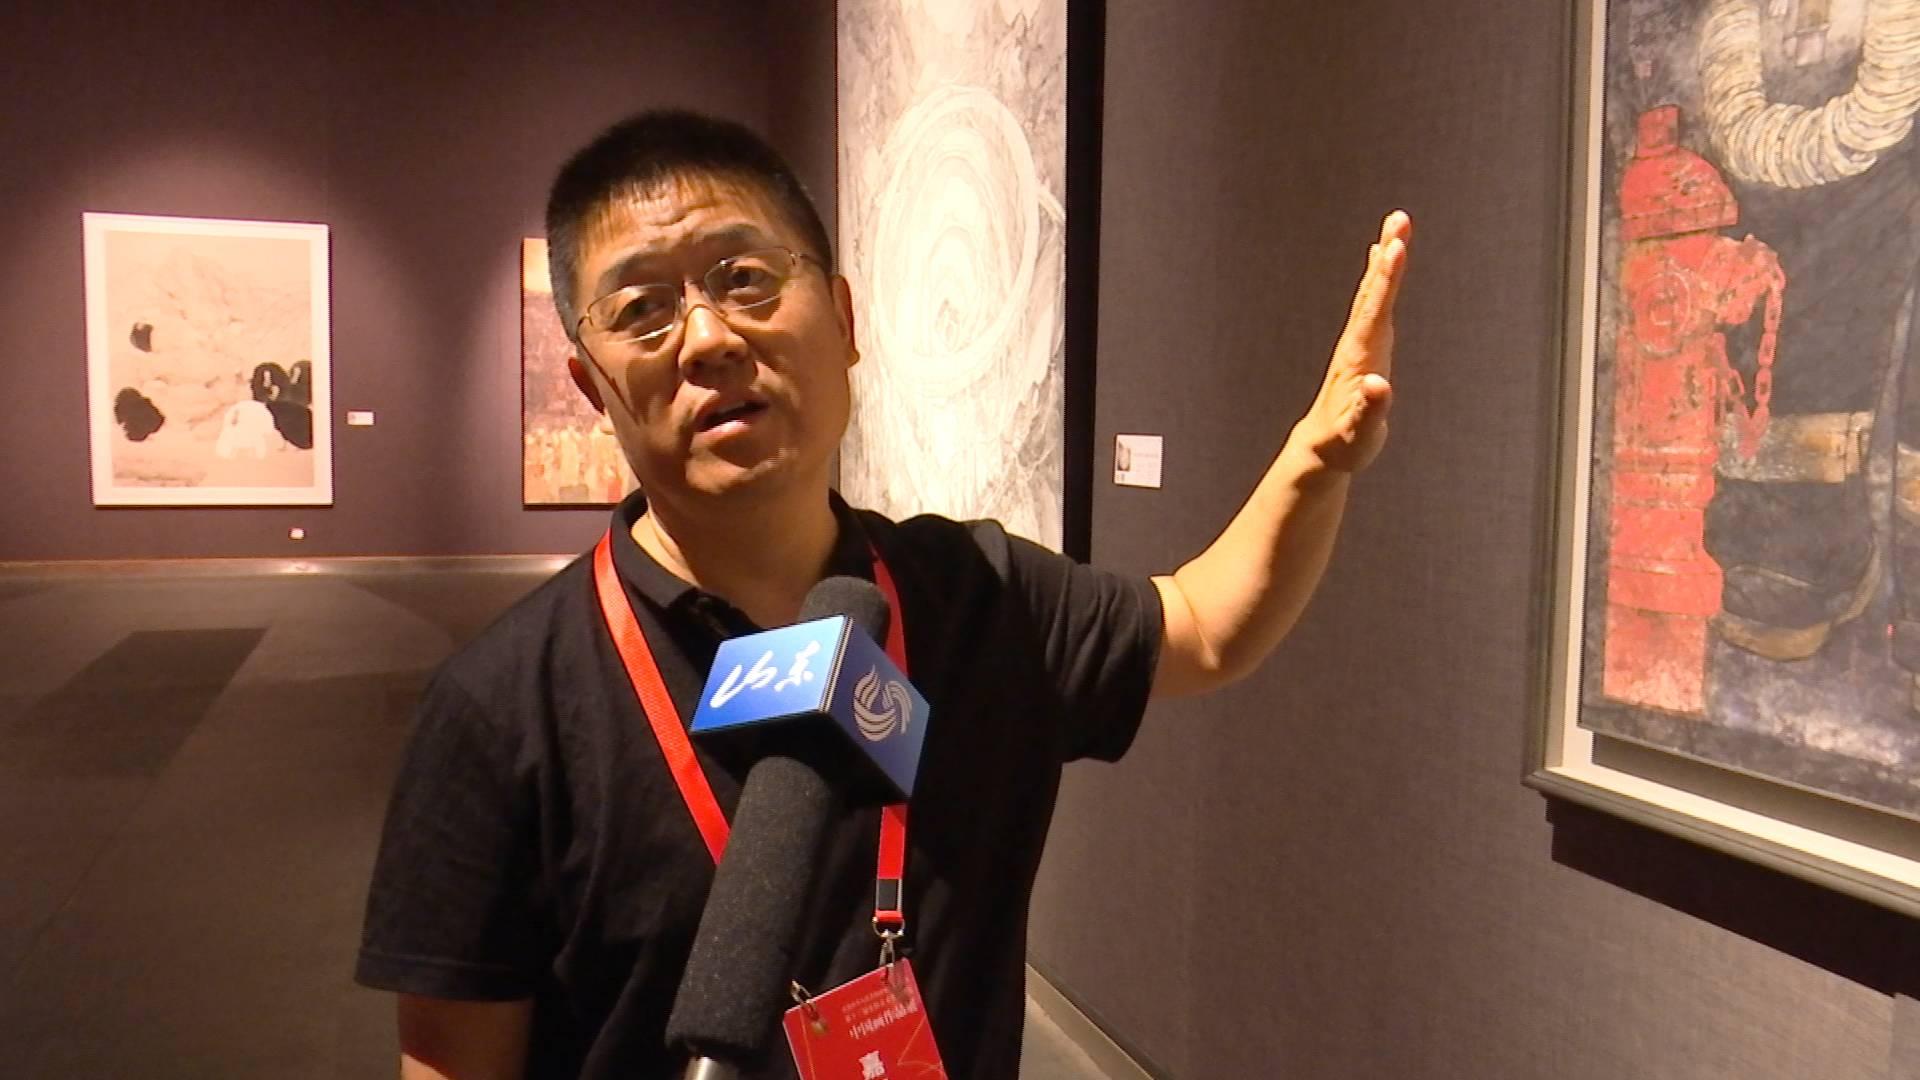 这幅画何以成为中国画获奖提名作品?李玉旺揭秘《使命》创作背后